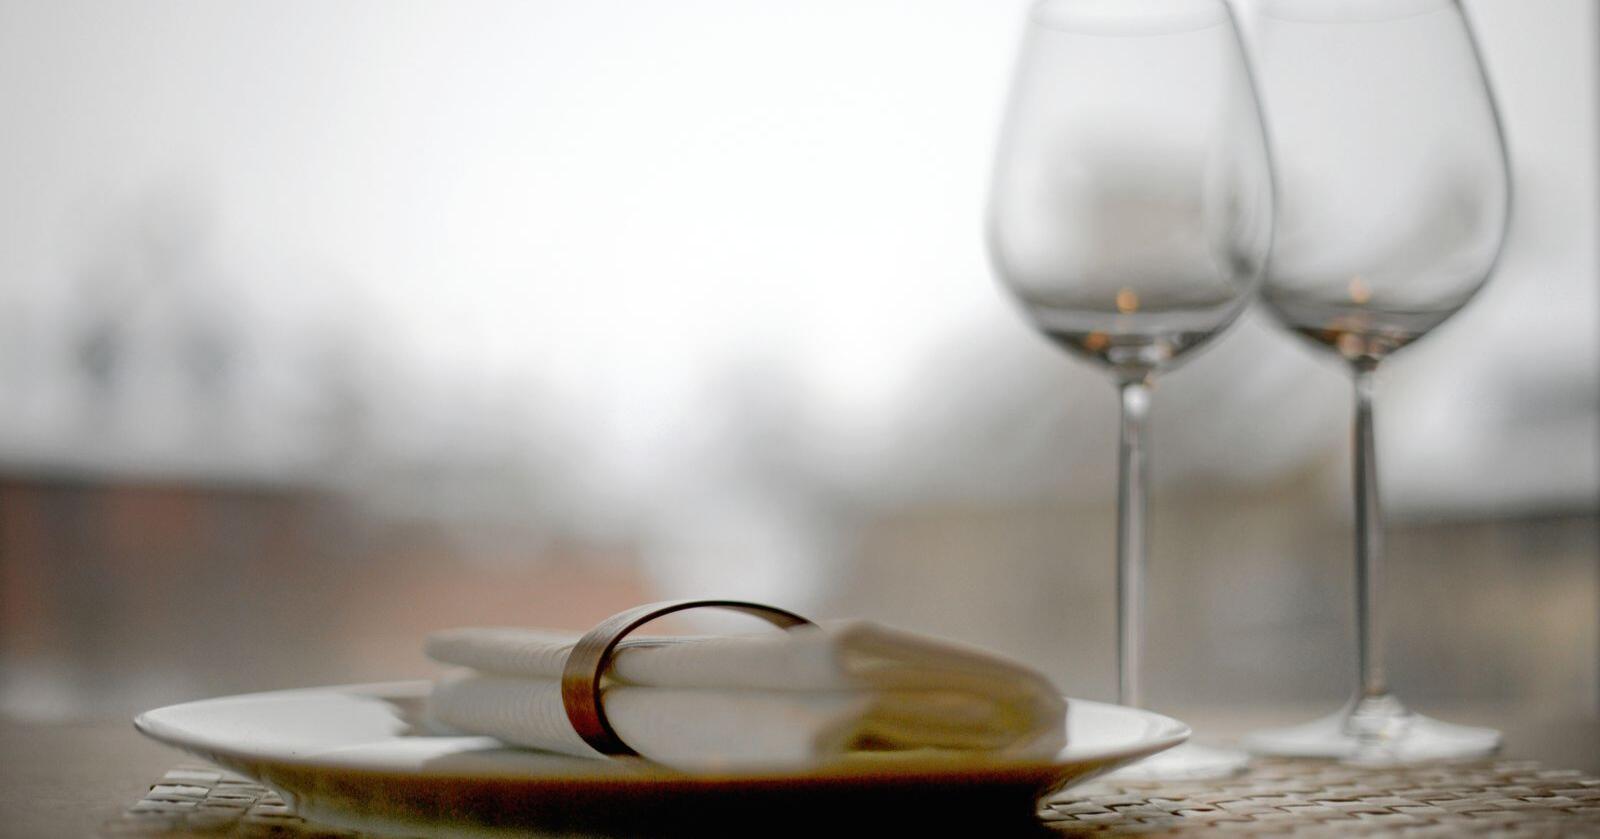 Restaurantbransjen er den som er blant de hardest rammede som følge av koronarestriksjonene, viser tall fra Brønnøysundregistrene. Illustrasjonsfoto: Frank May / NTB scanpix